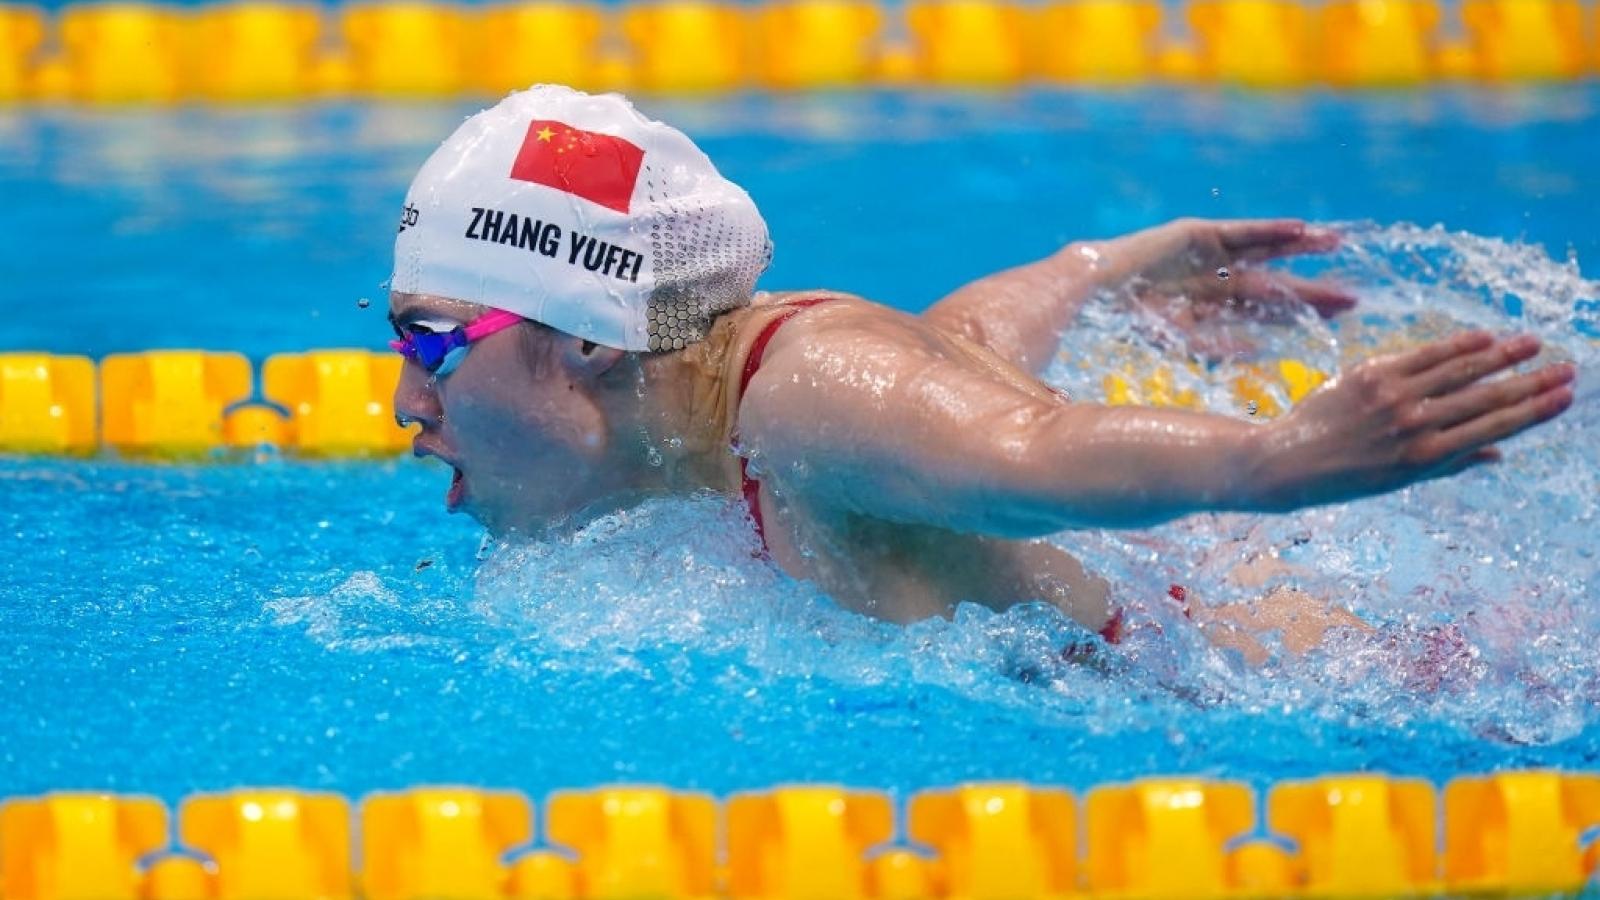 Nữ kình ngư người Trung Quốc giành HCV và phá kỷ lục Olympic